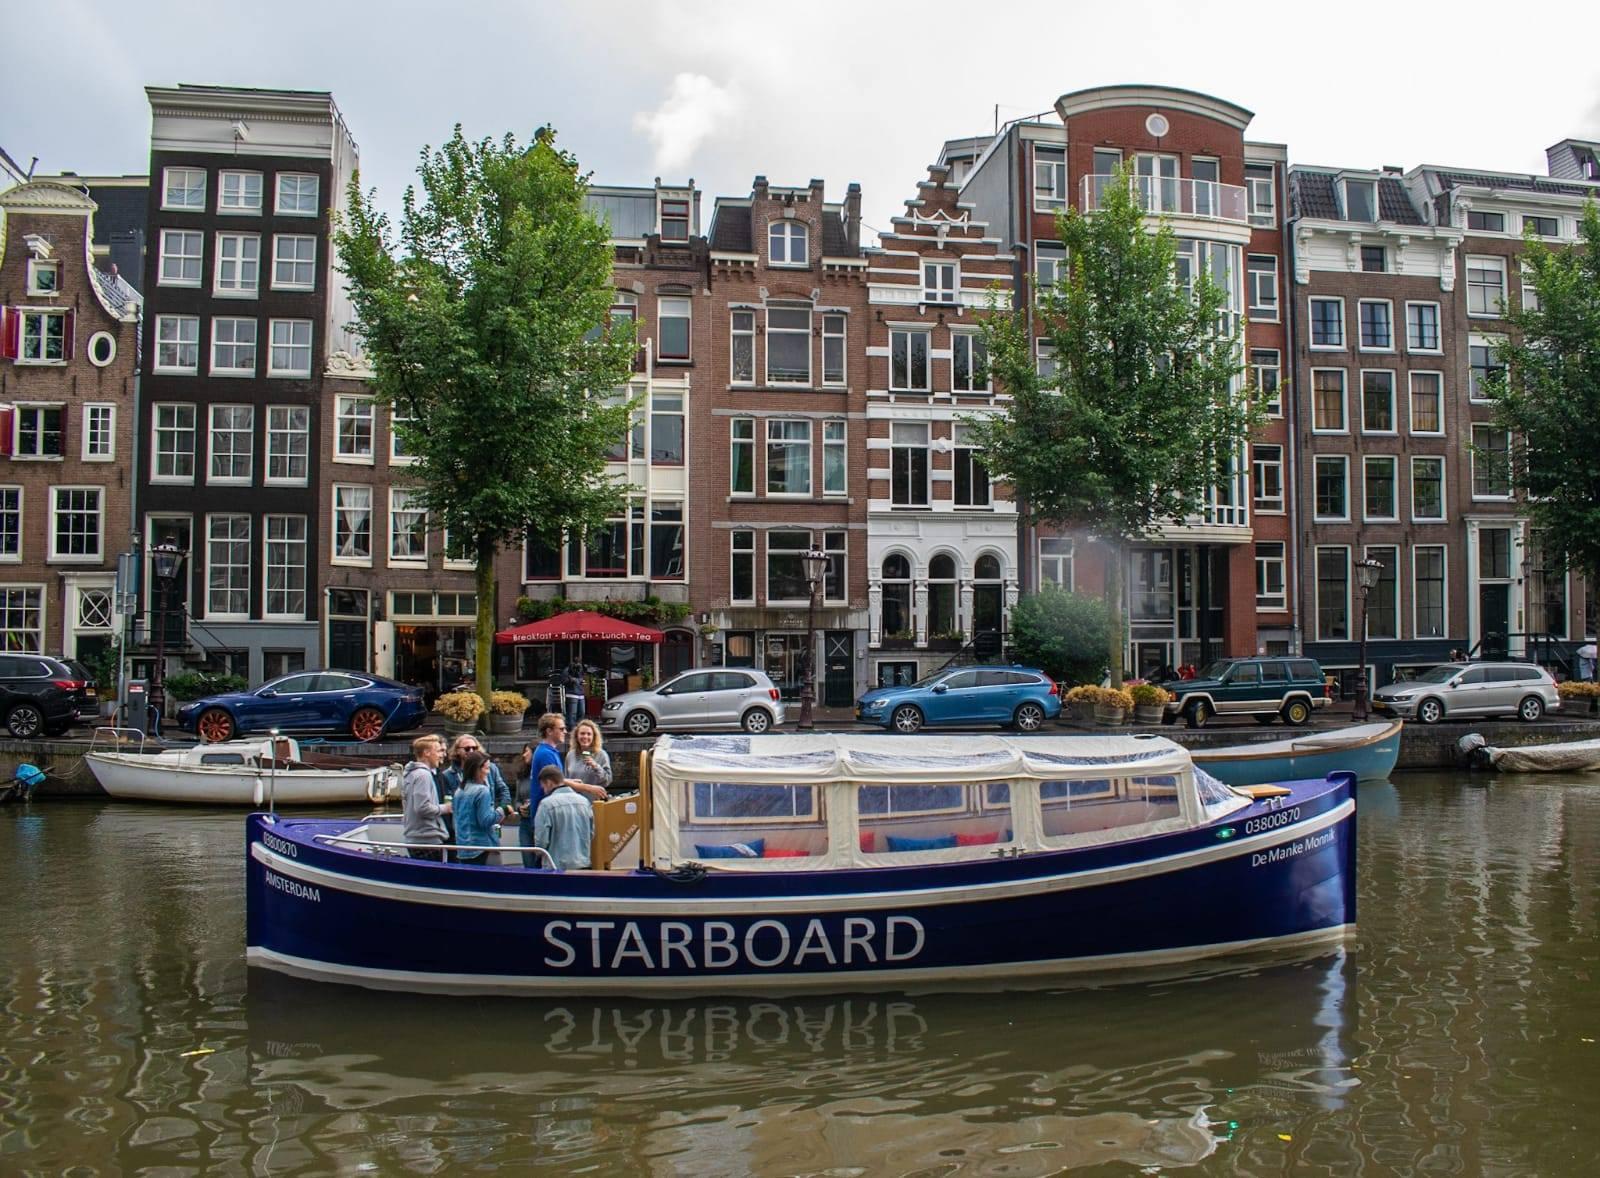 Ontdek Amsterdam lopend, met de boot of de hop on hop off bus boot